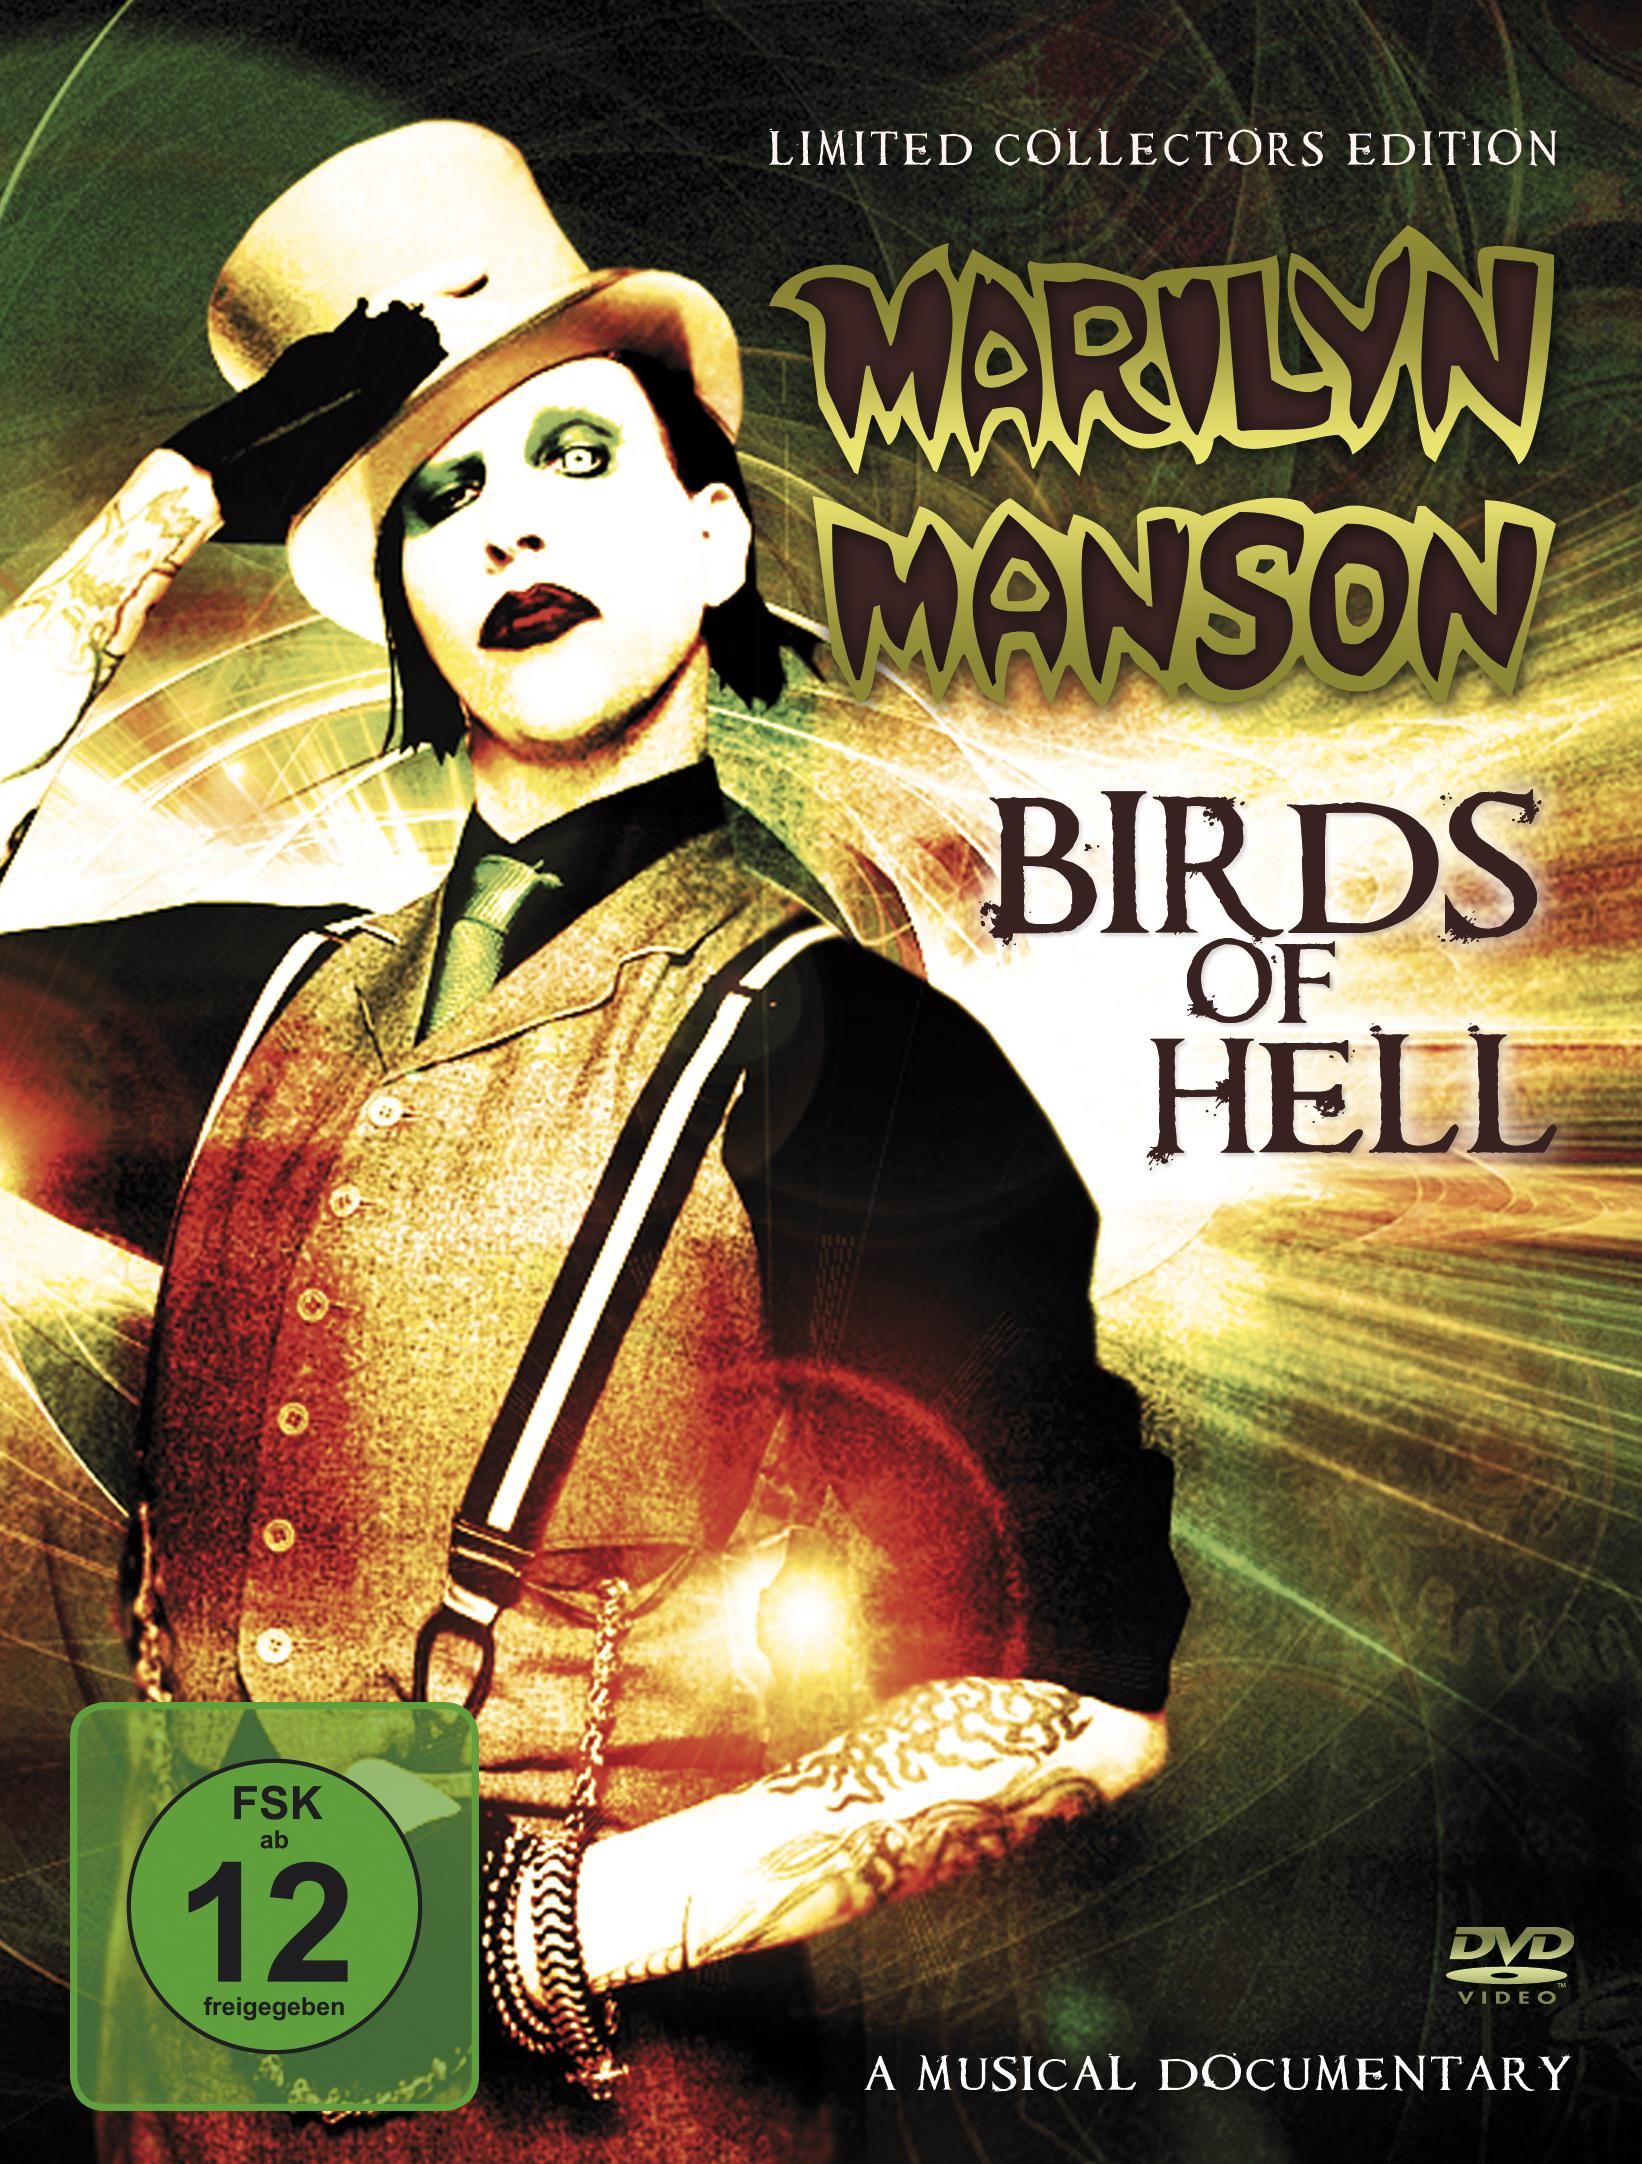 Marilyn Manson: Birds of Hell